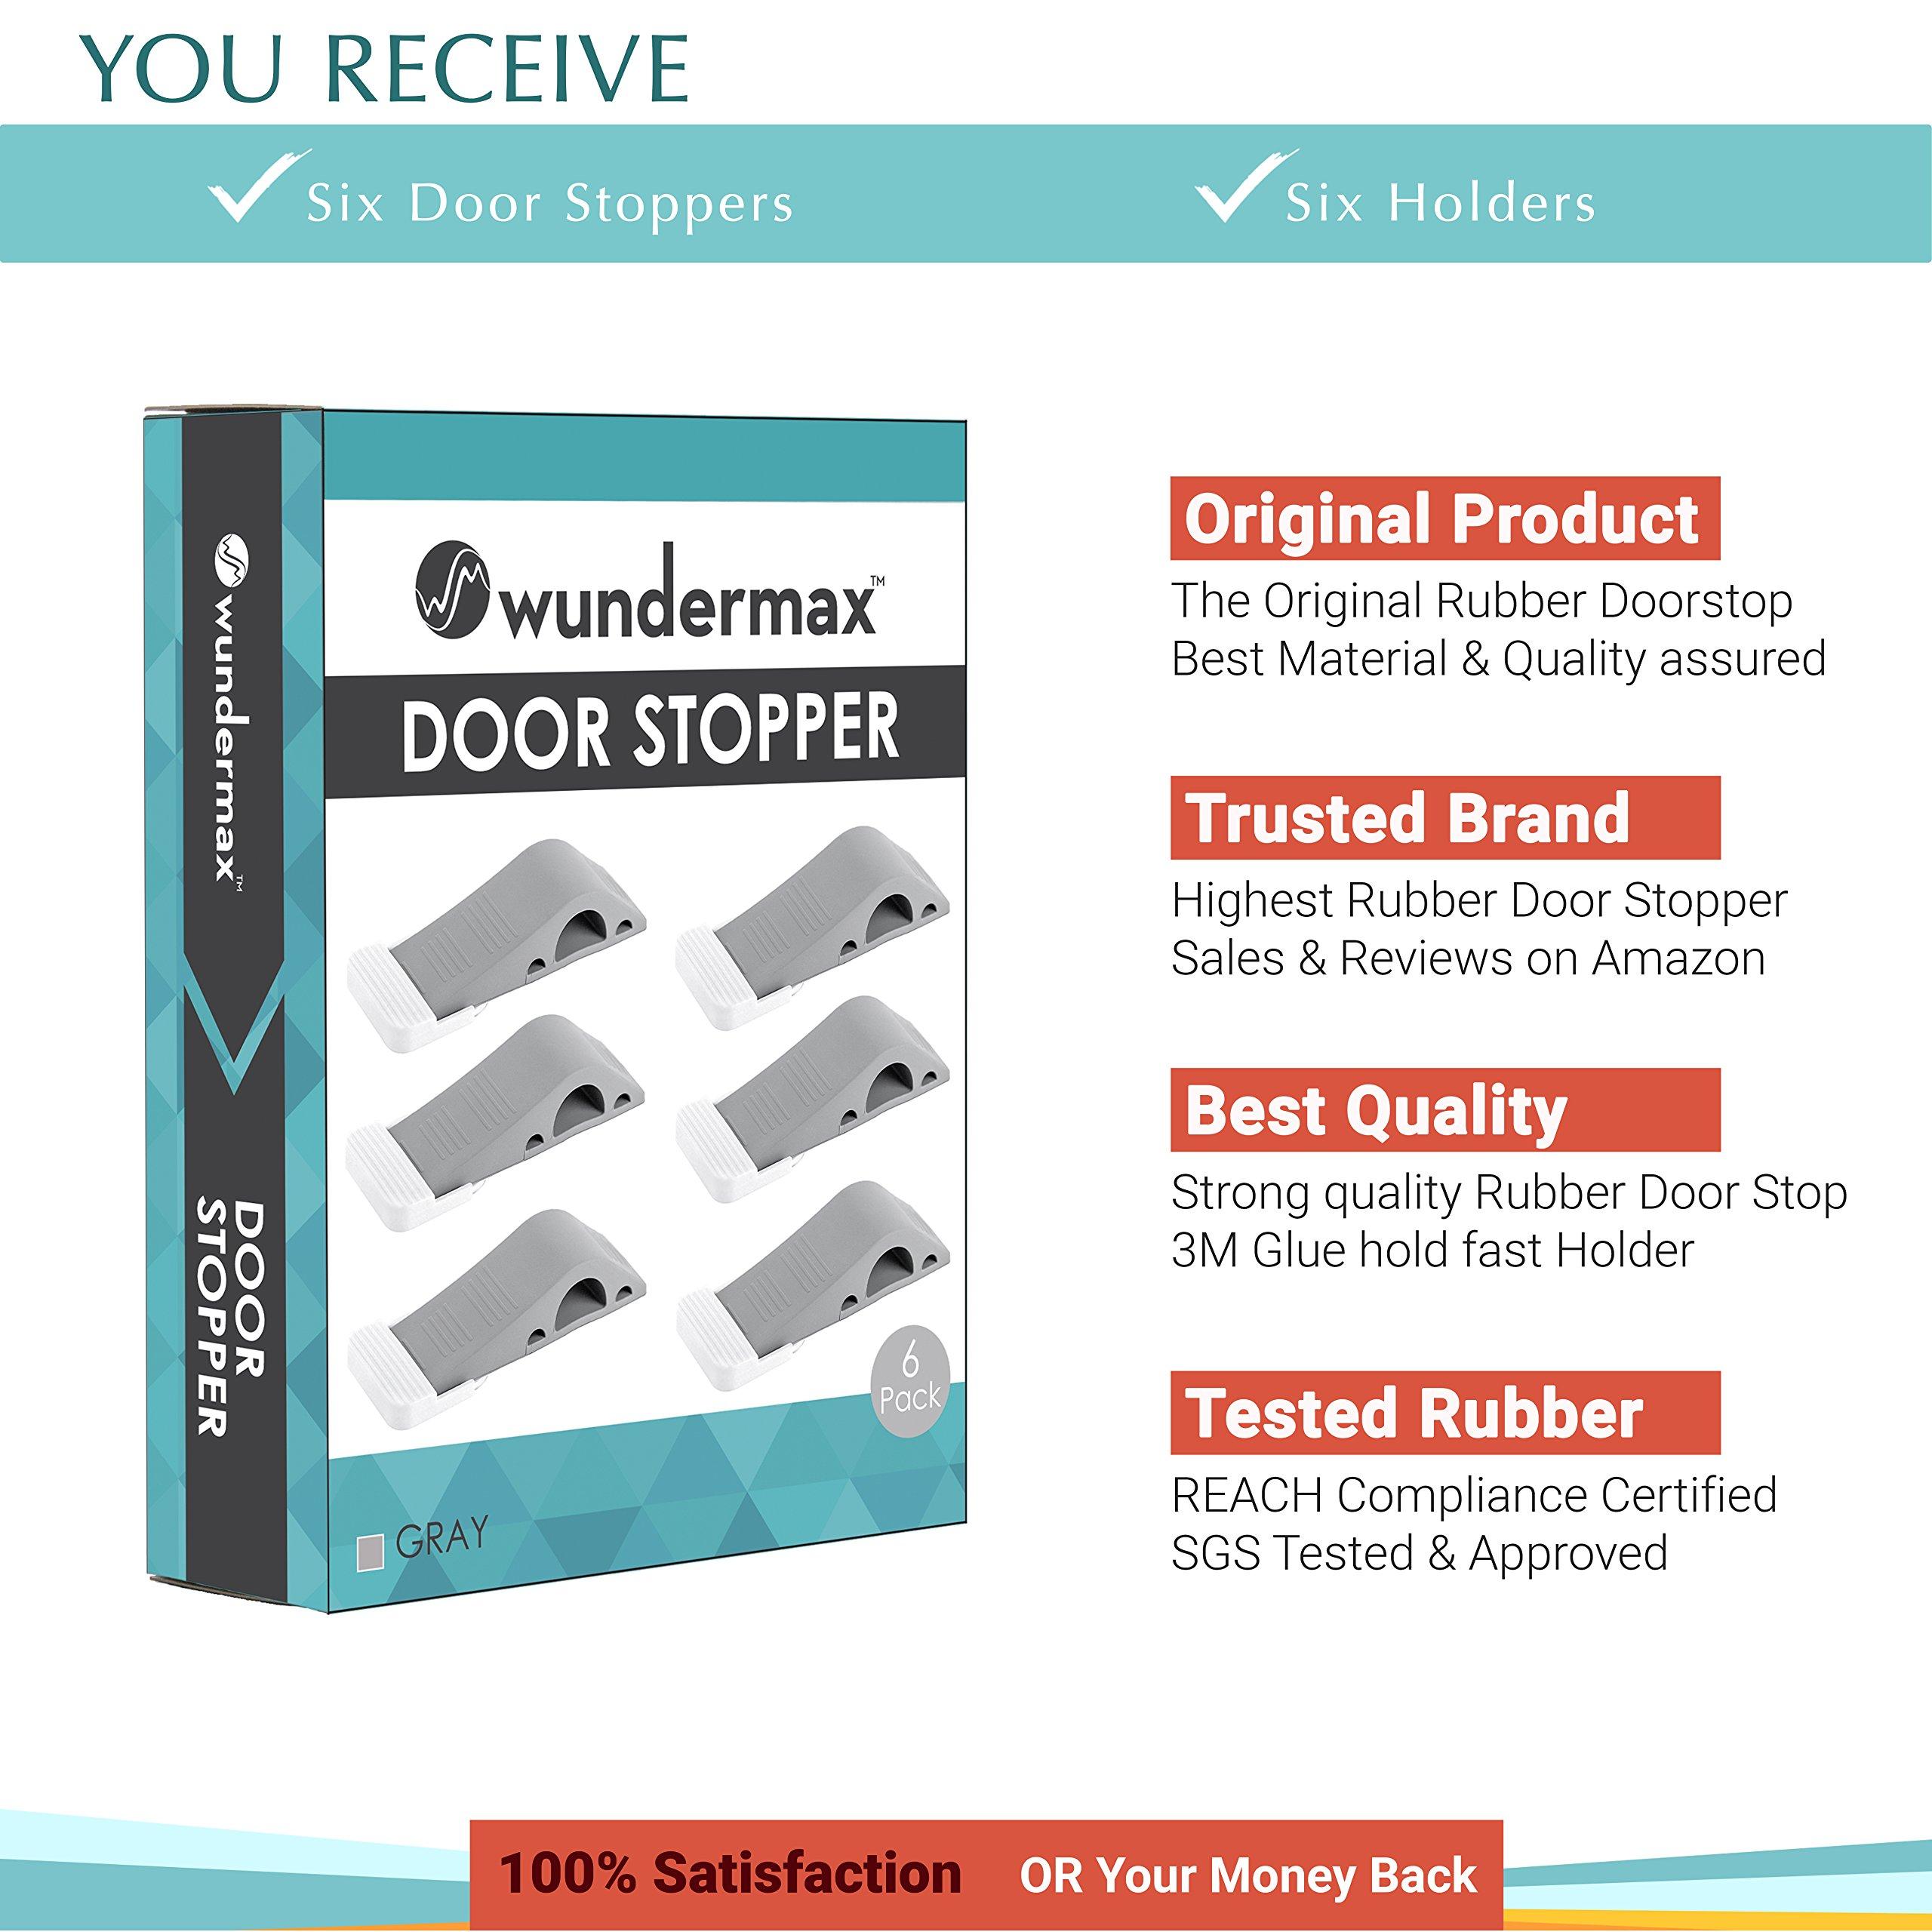 Wundermax Decorative Door Stopper With Free Bonus Holders, Door Stop Works on All Floor Surfaces, Premium Rubber Door Stops, The Original (6 Pack, Grey) by Wundermax (Image #2)